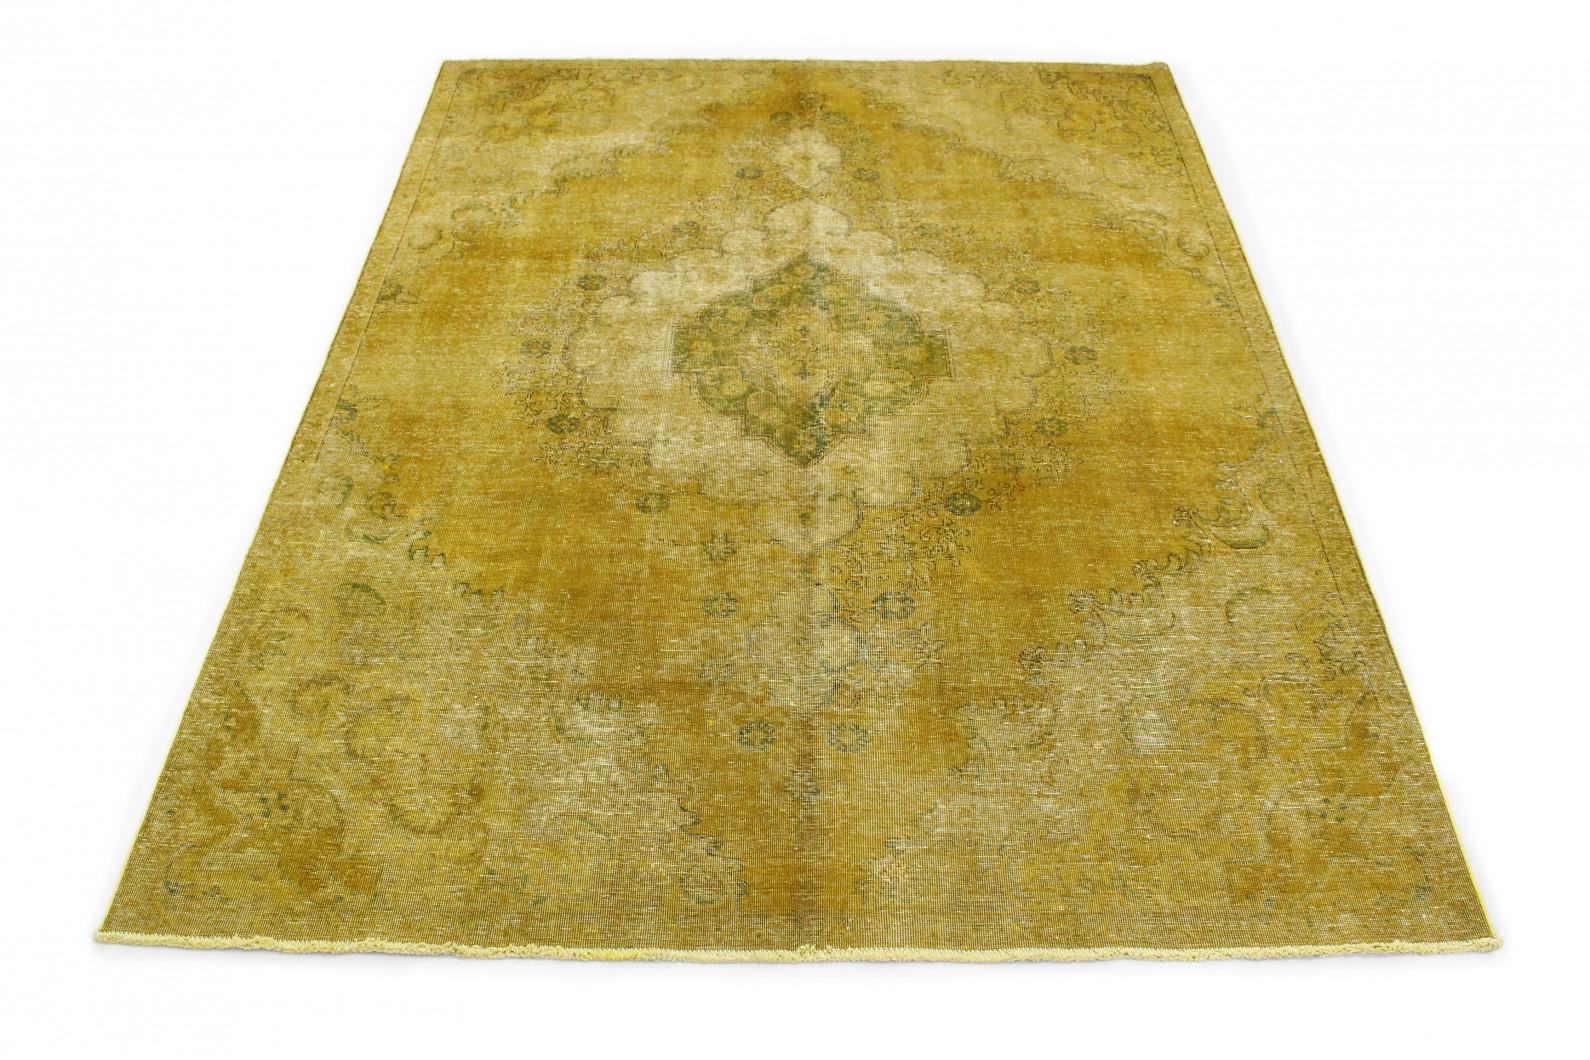 vintage teppich gelb gold in 320x230 1001 167182 bei kaufen. Black Bedroom Furniture Sets. Home Design Ideas